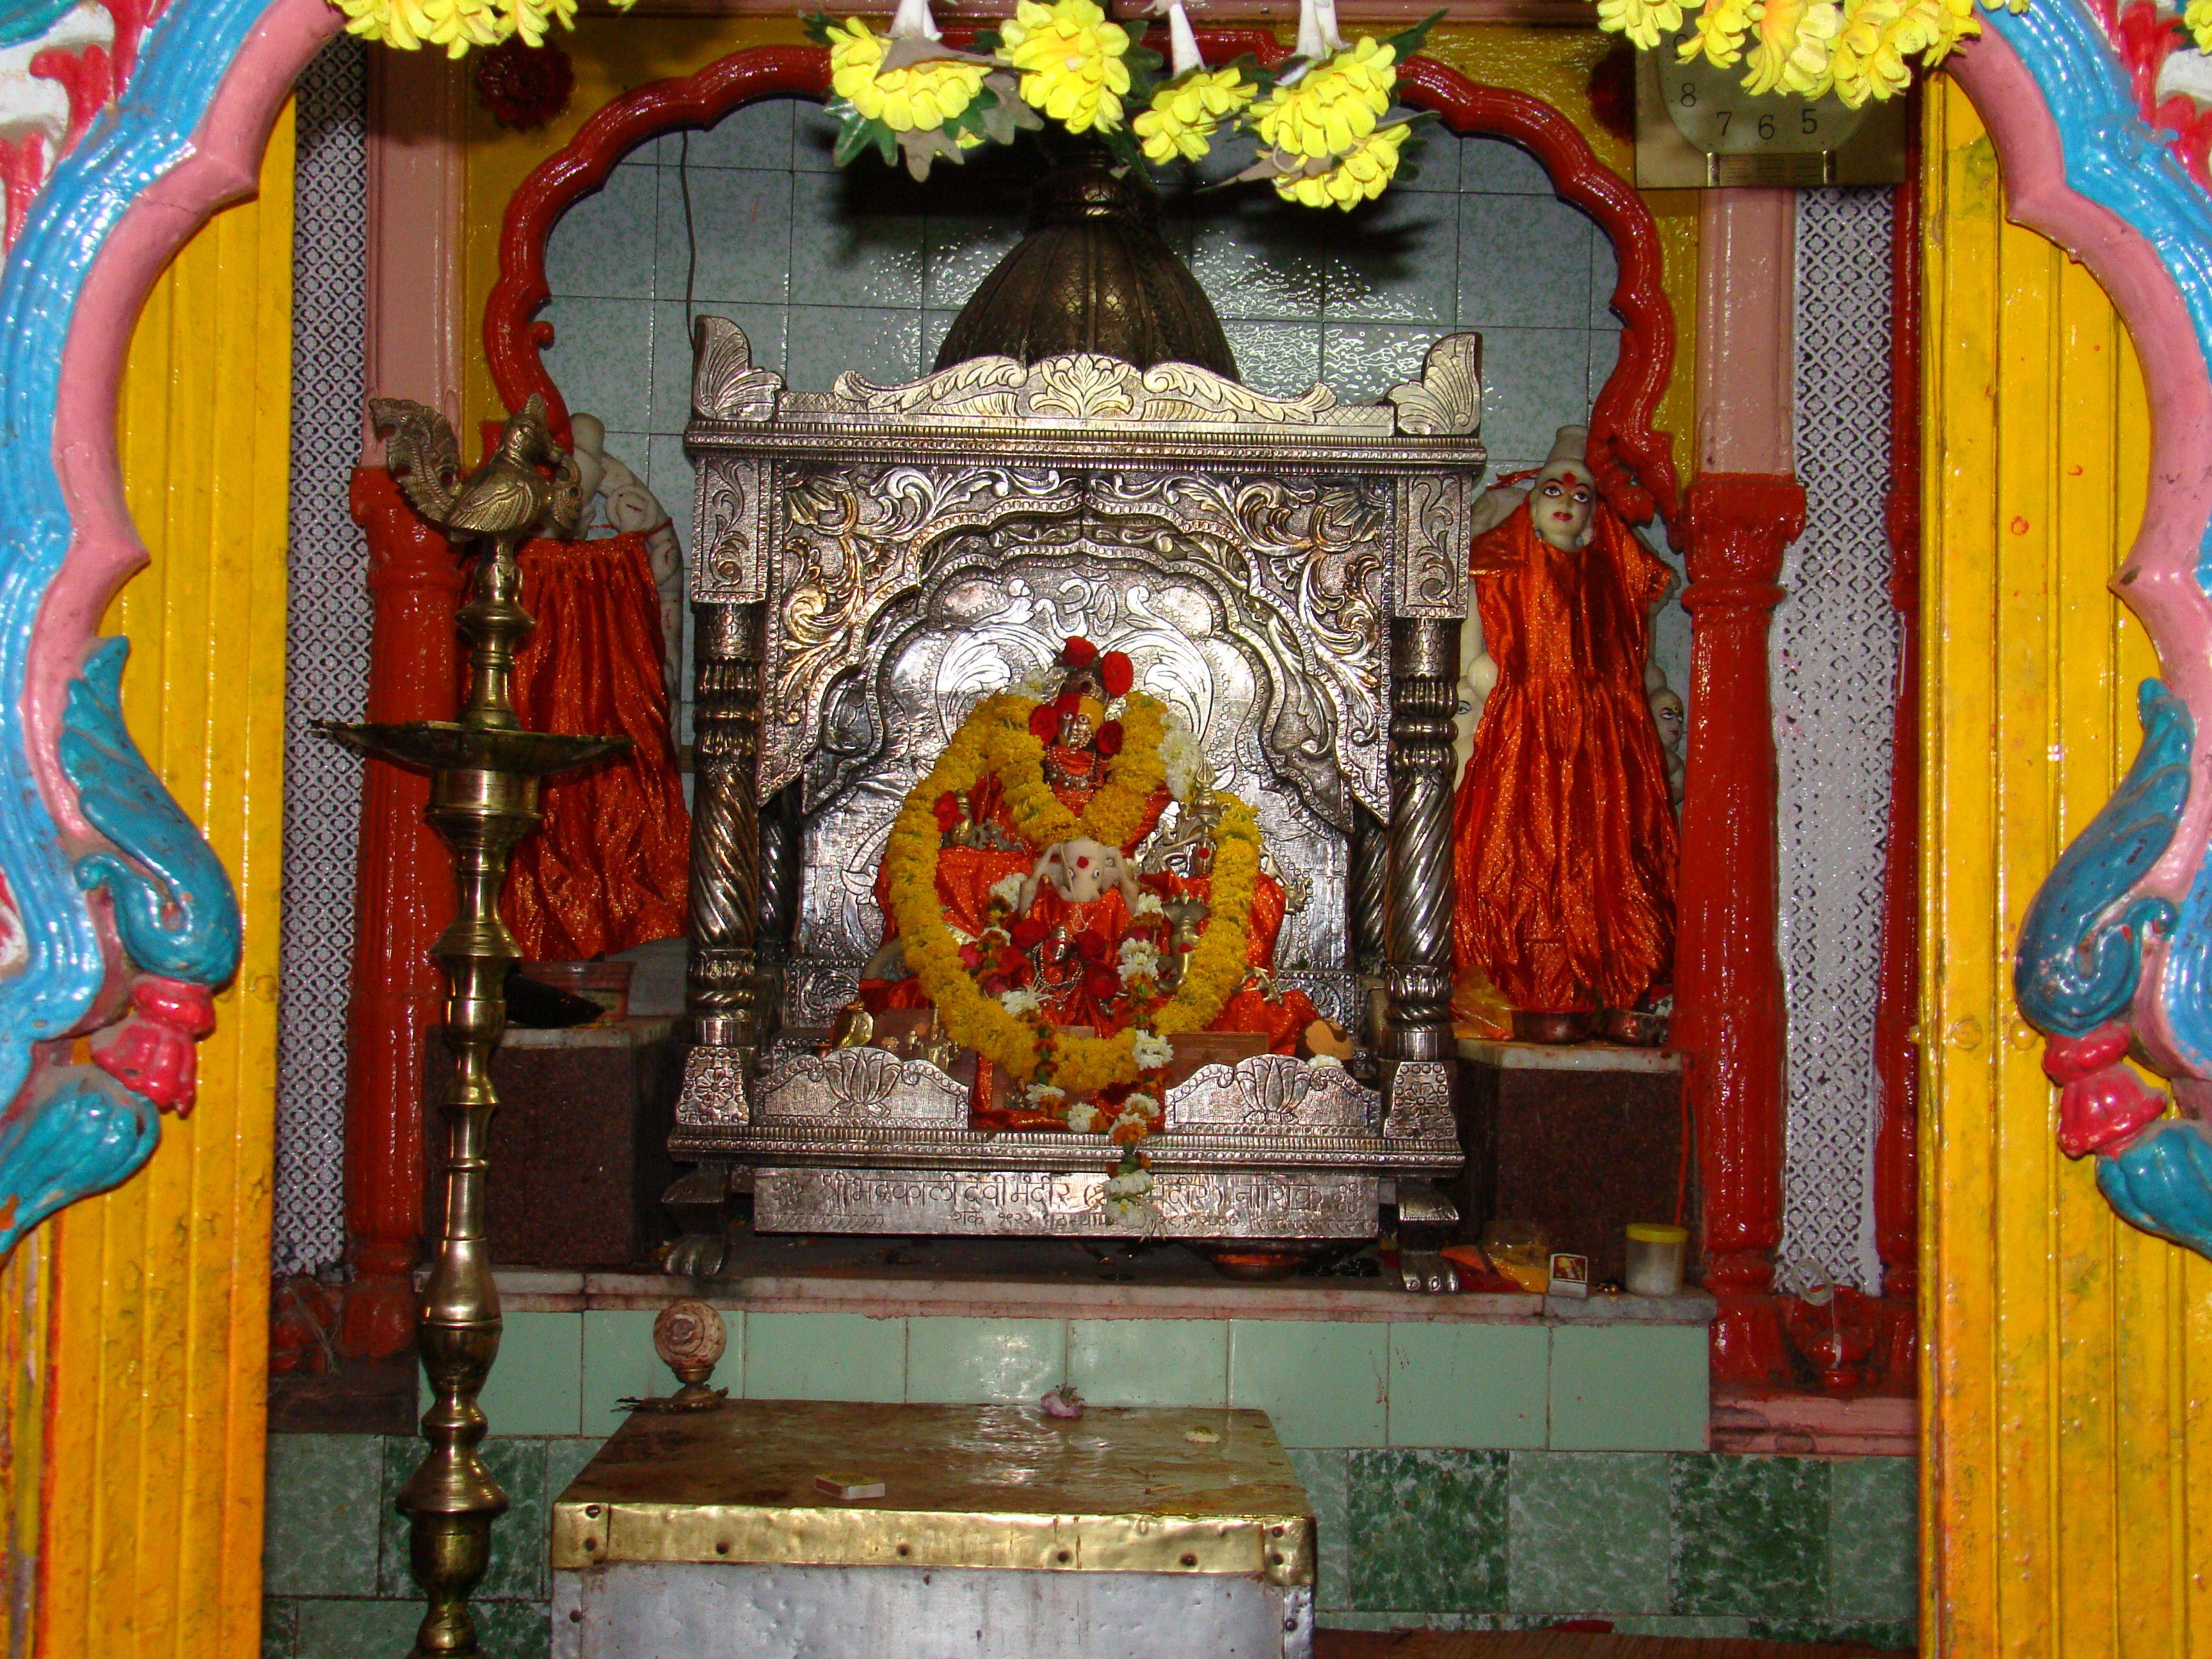 Janasthan